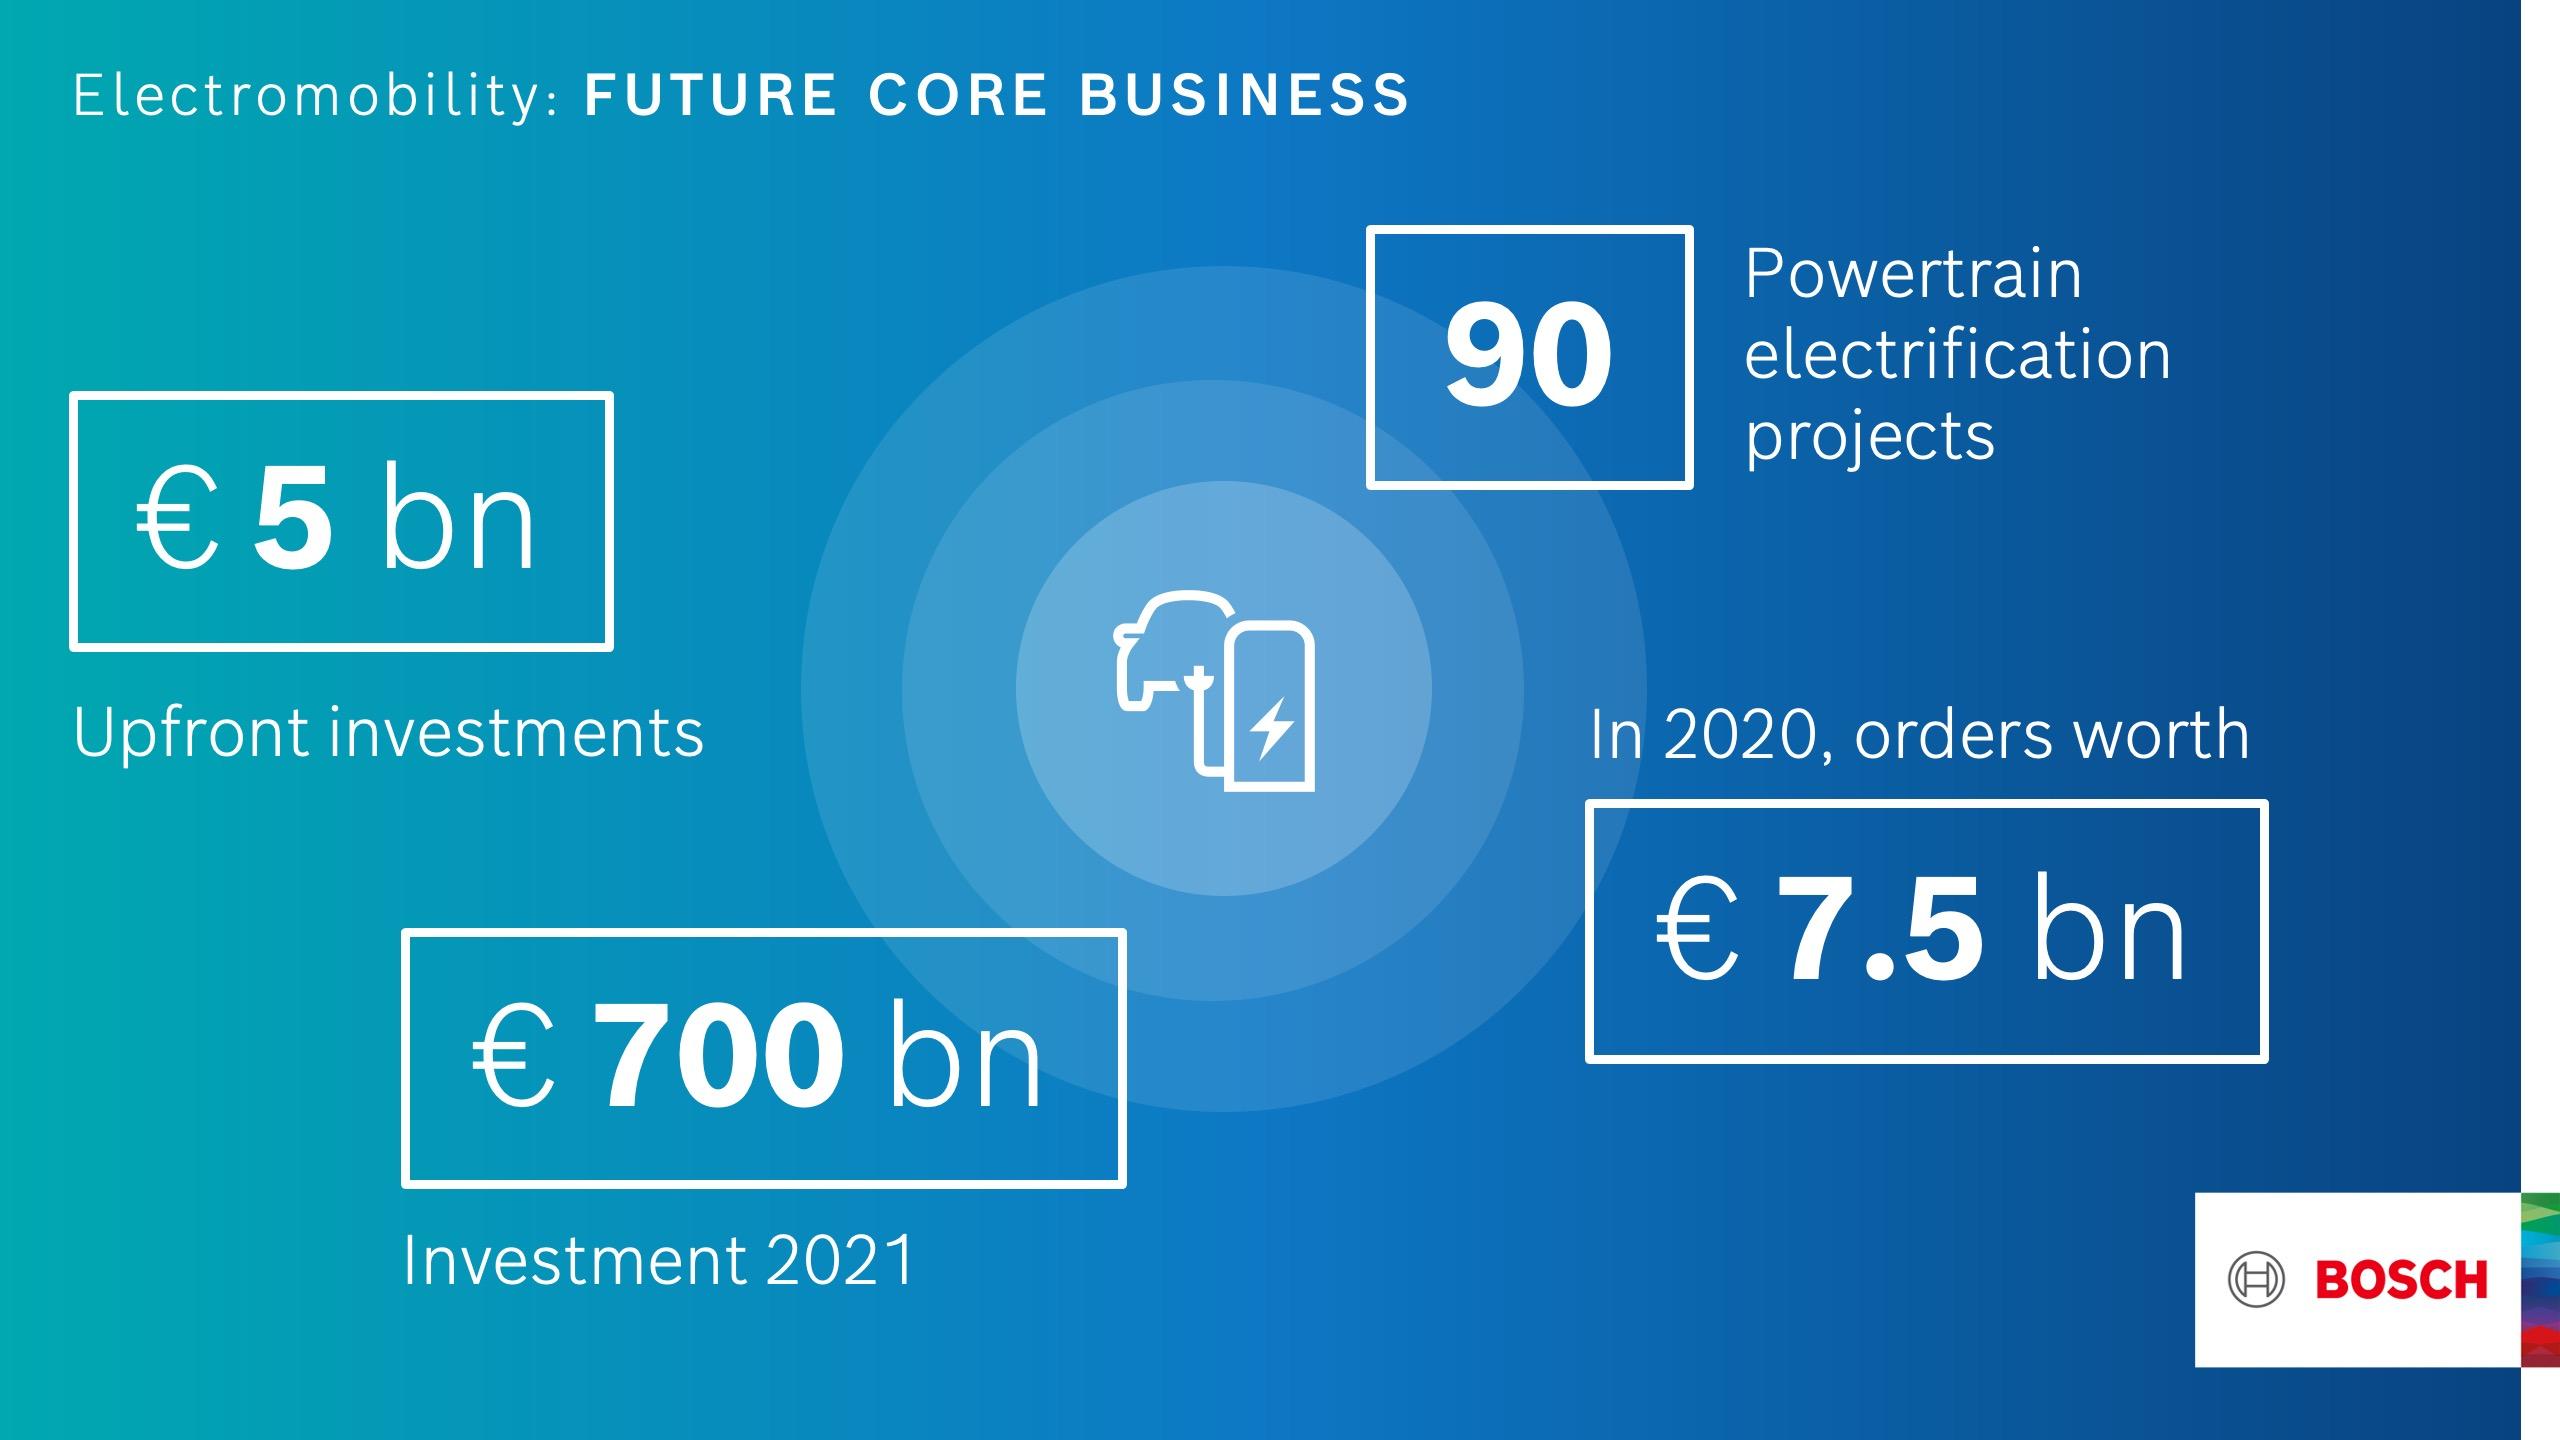 Bosch: elektromobilita jako budoucnost v oboru podnikání